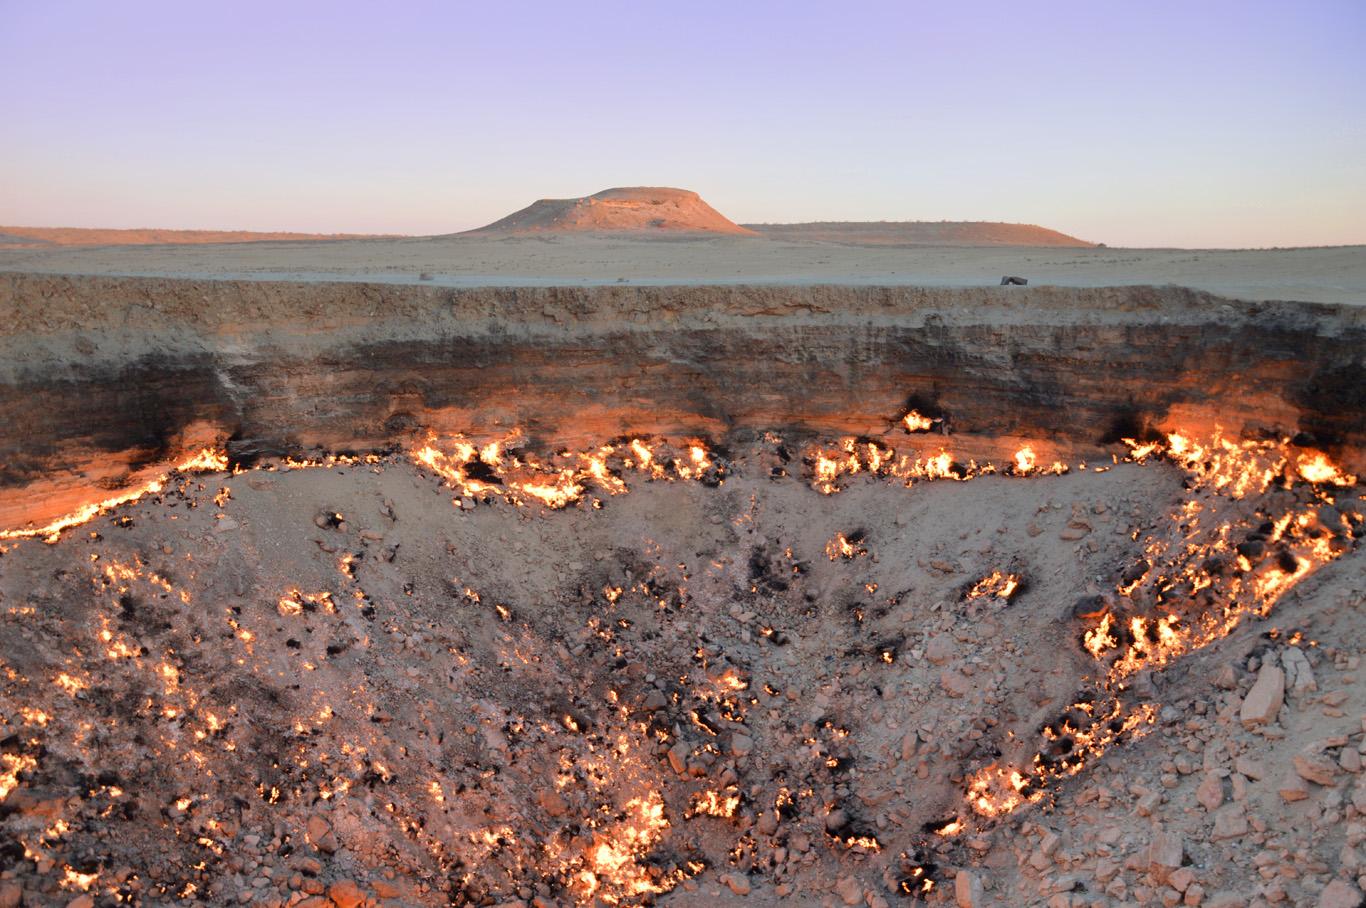 The crater and Karakum Desert